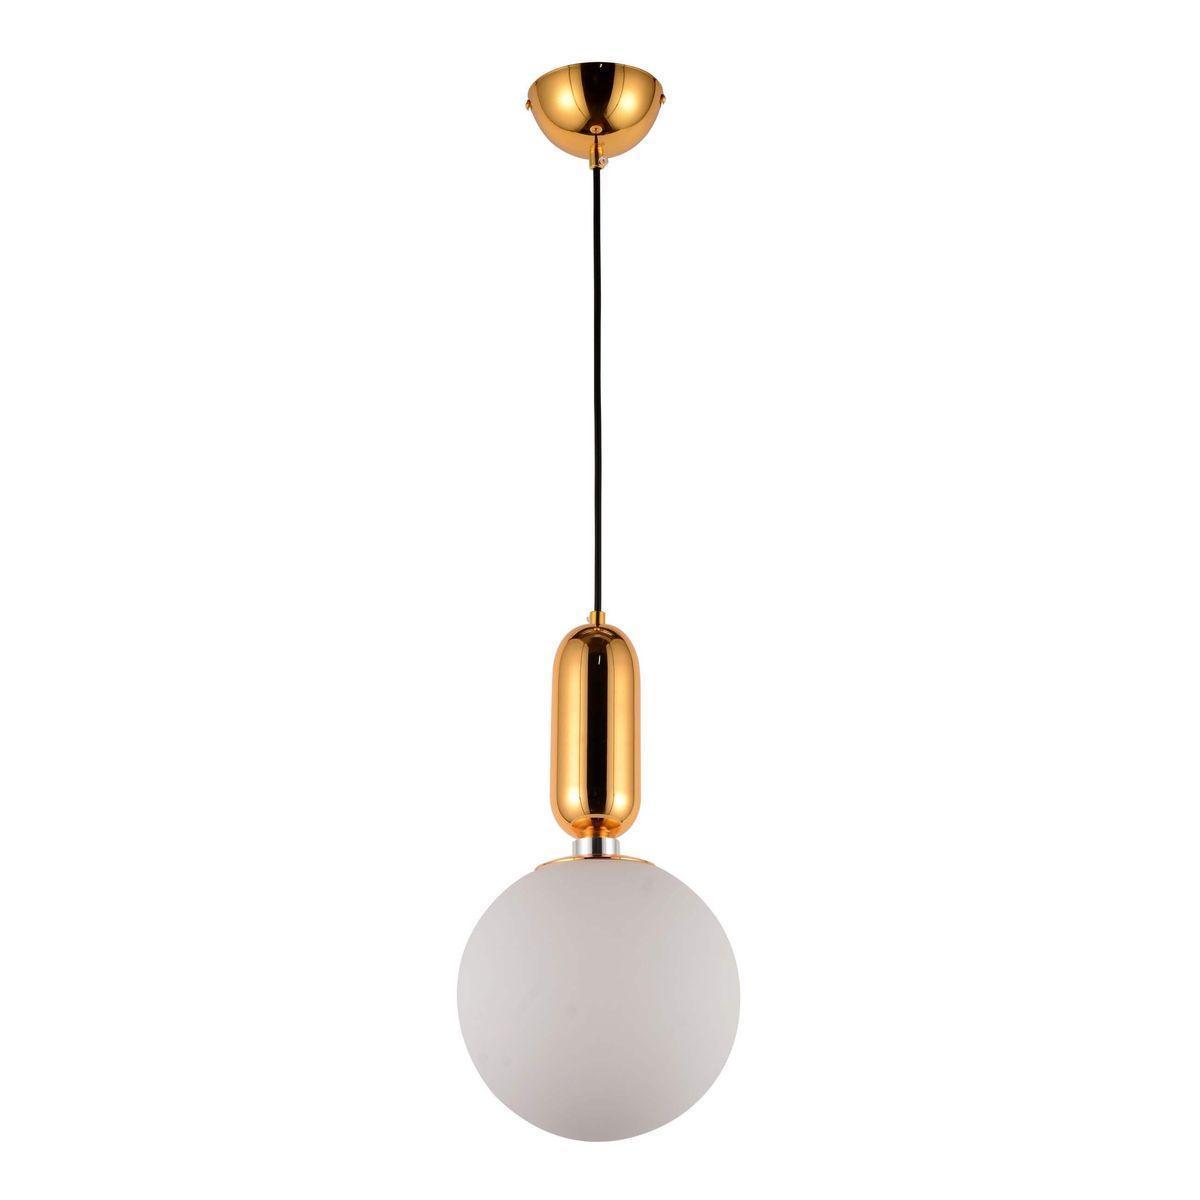 Подвесной светильник Lumina Deco Orito LDP 1219-200 WT+GD